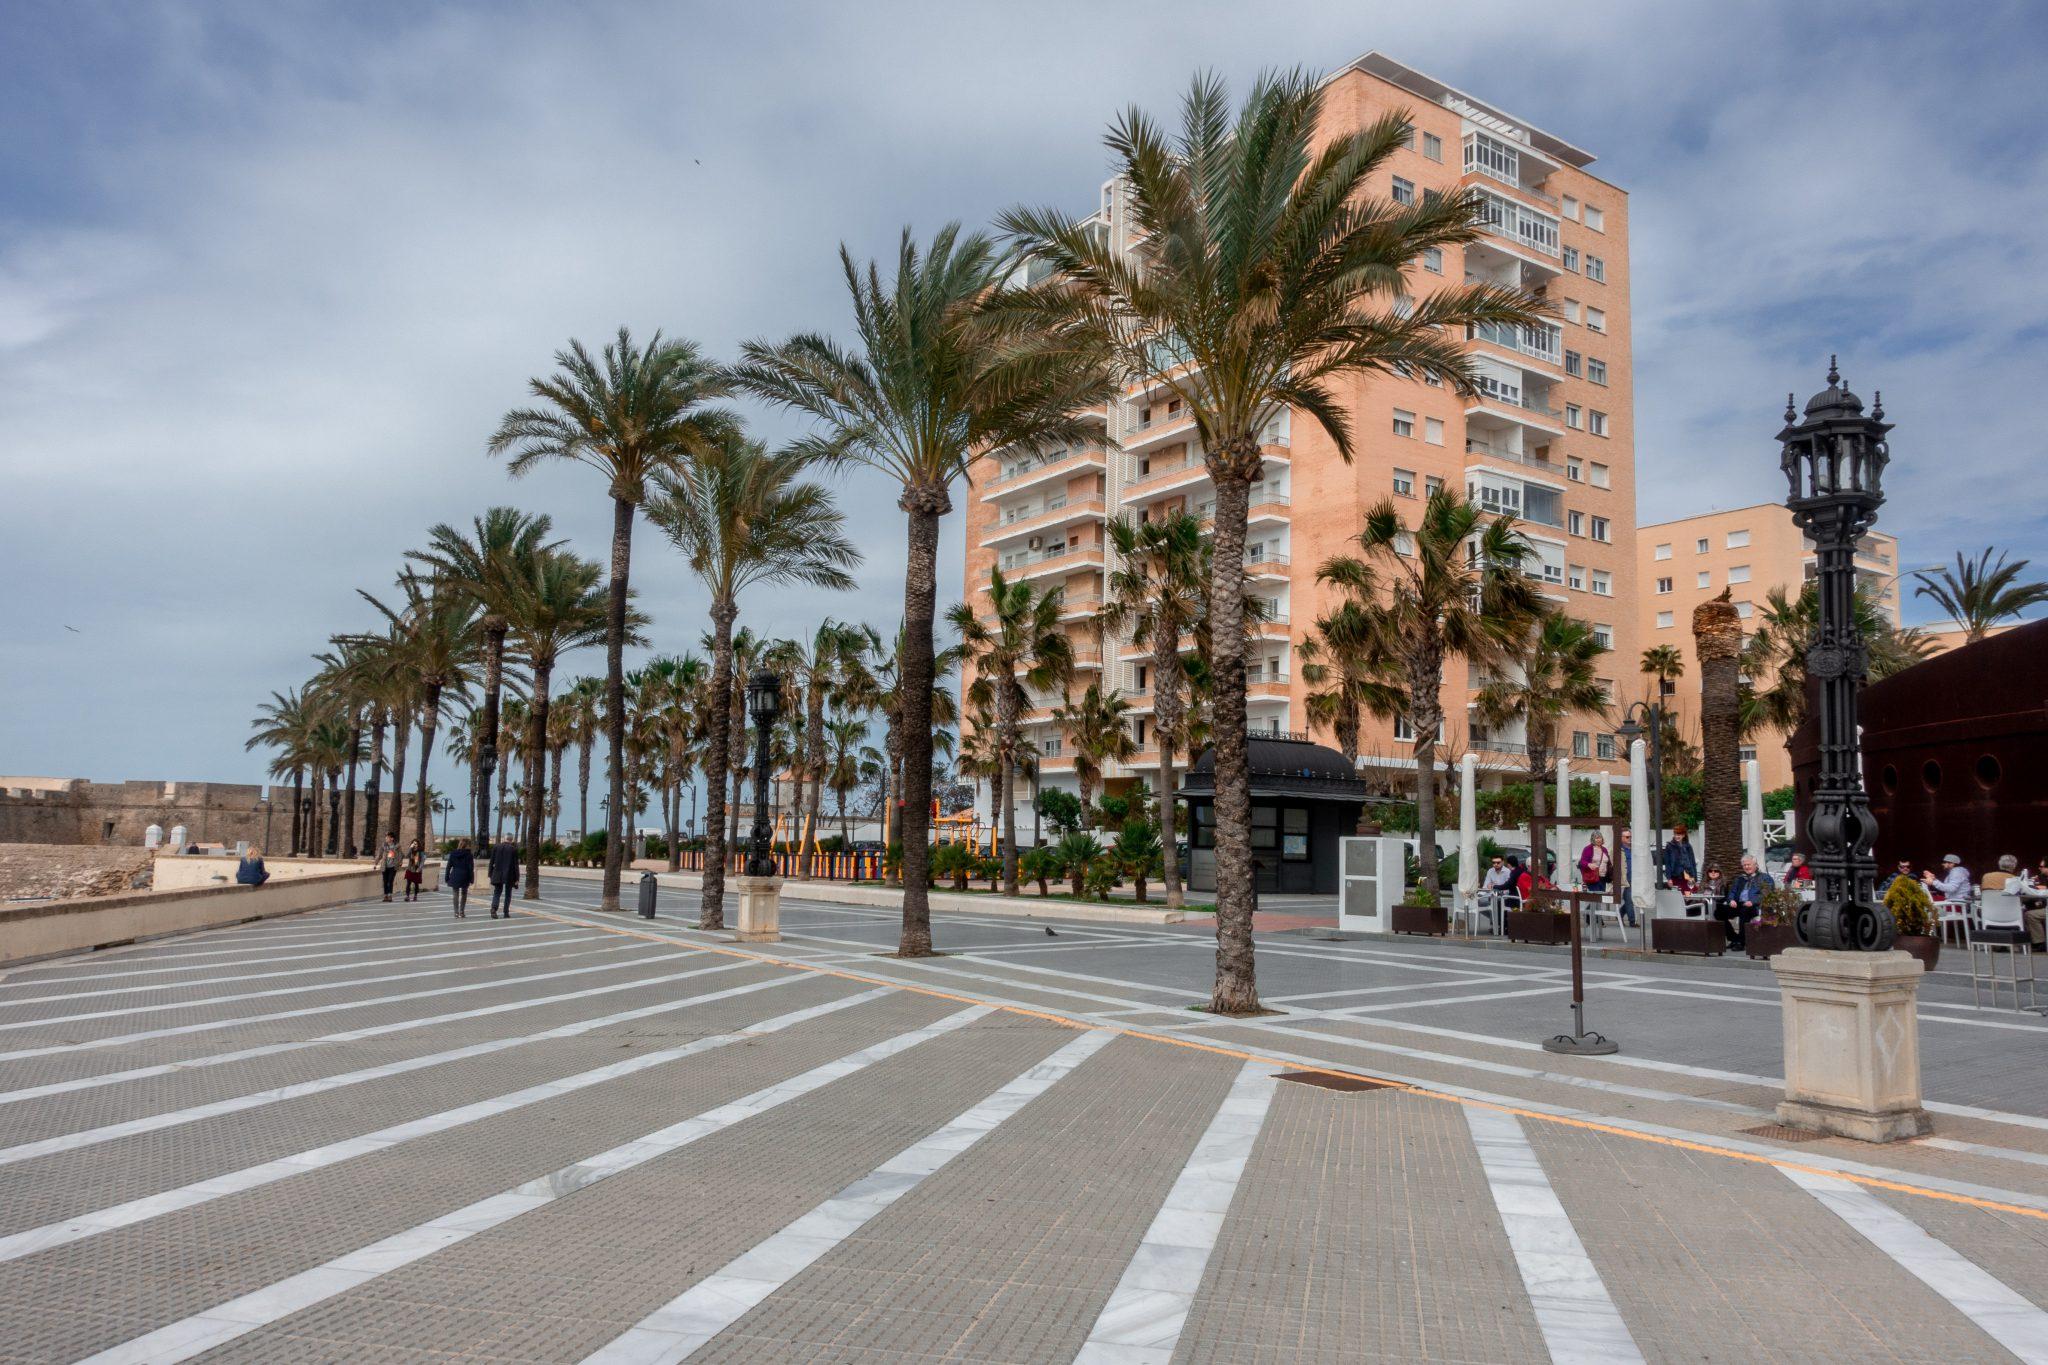 7-kleine-geheimtipps-cádiz-palmen